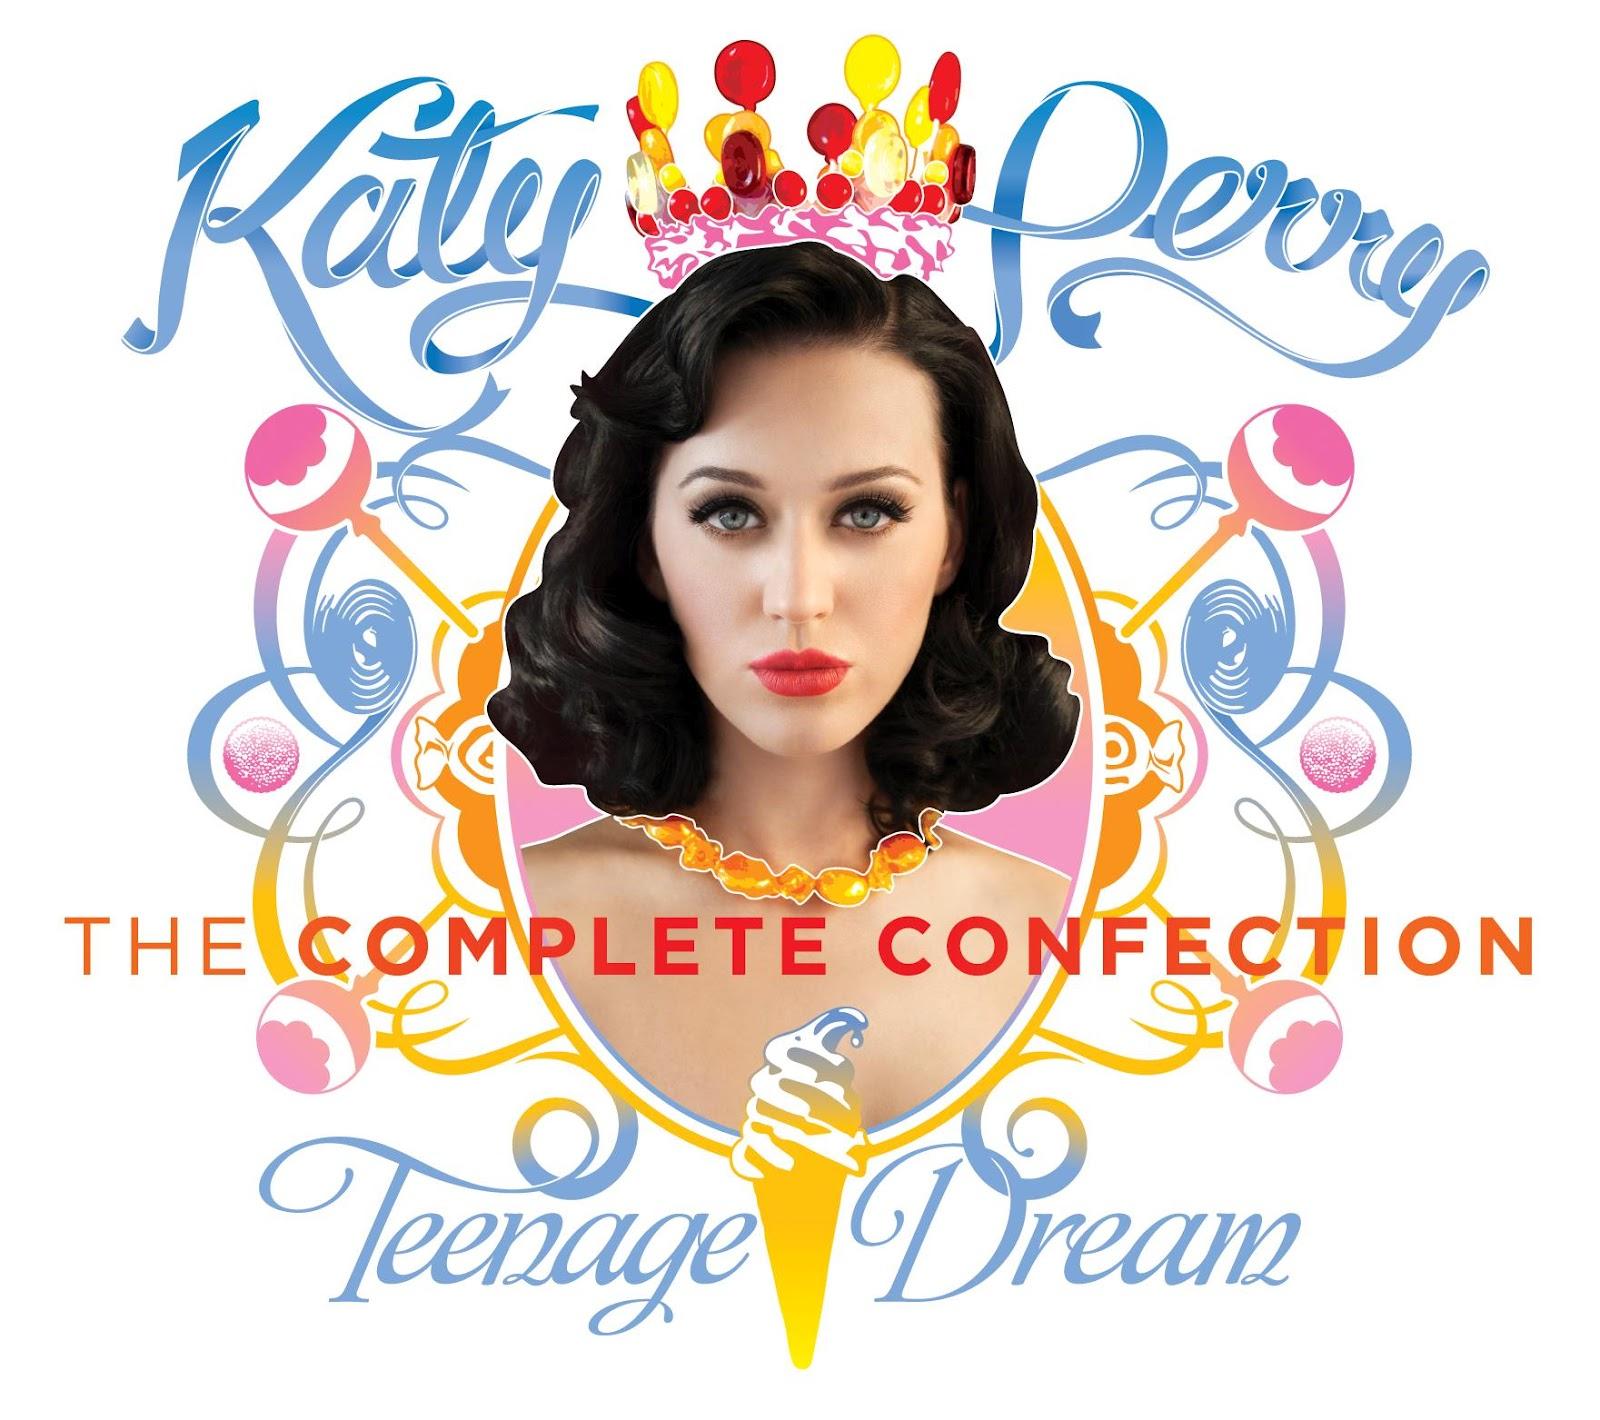 https://3.bp.blogspot.com/-HPwOeWlxoKw/TzS0_JKqXoI/AAAAAAAABP4/OvYMcaVkj0U/s1600/thecompleteconfection.jpg